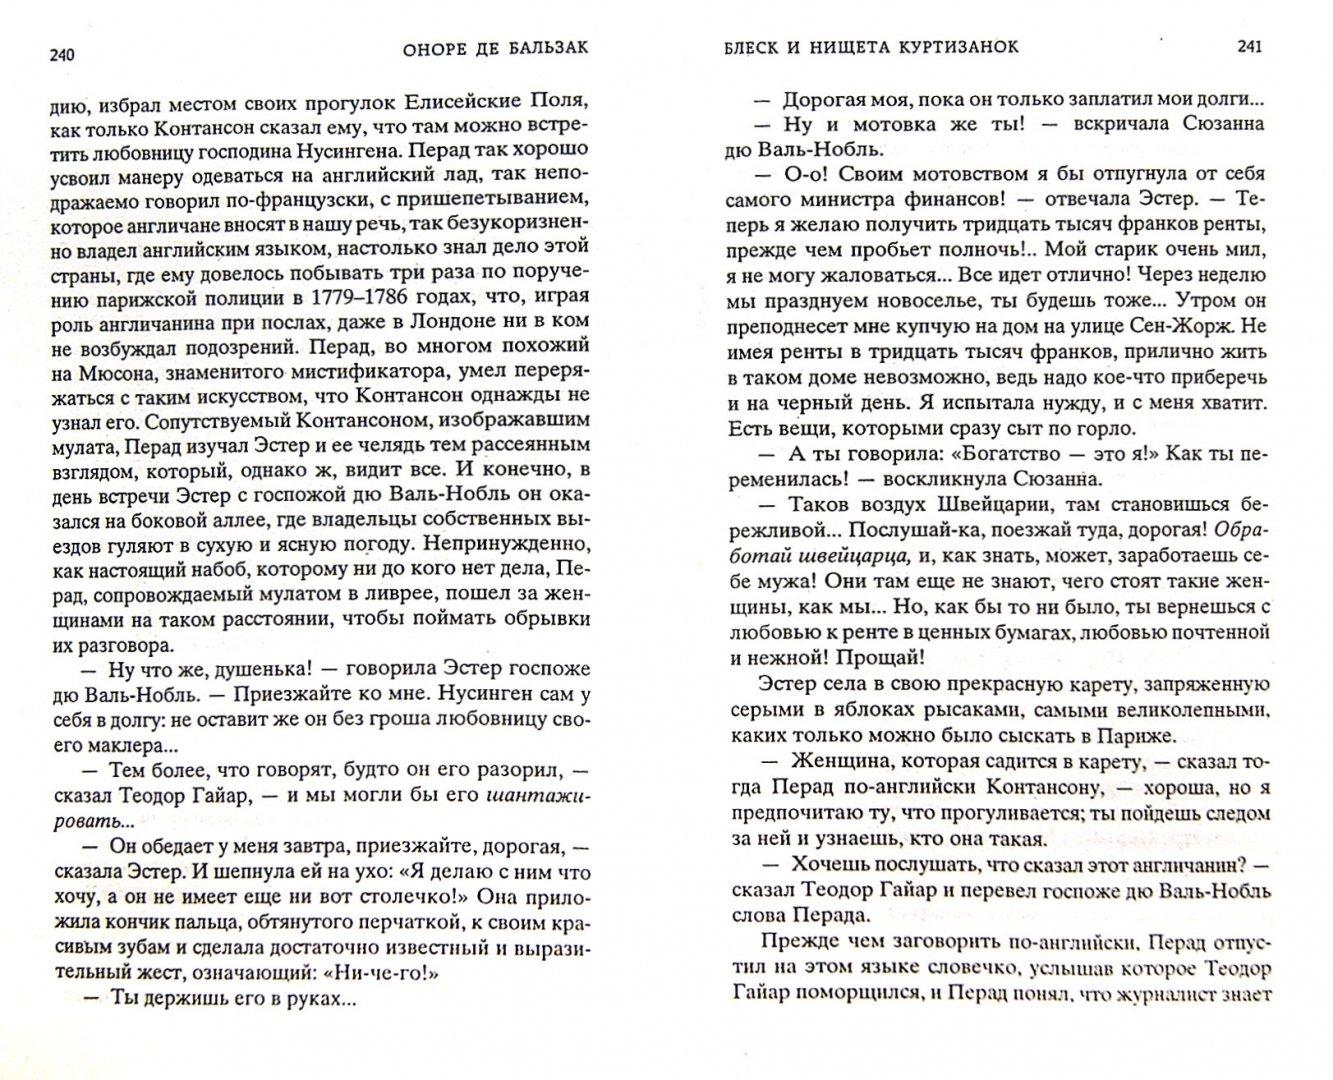 Иллюстрация 1 из 22 для Блеск и нищета куртизанок - Оноре Бальзак | Лабиринт - книги. Источник: Лабиринт